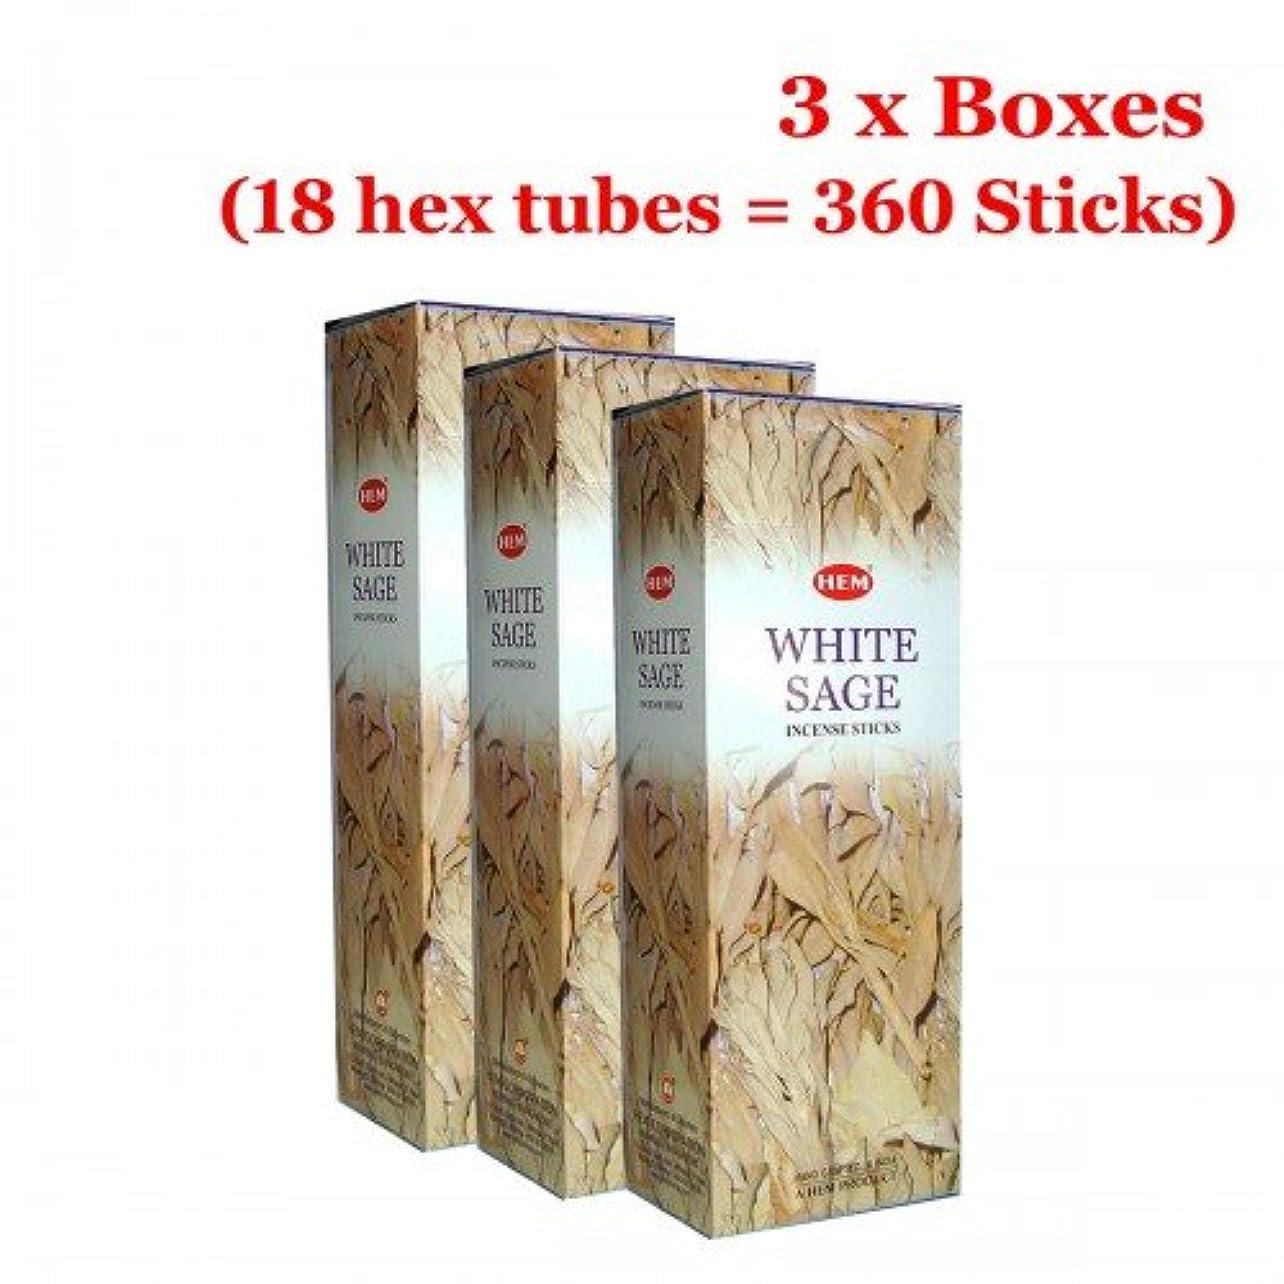 不十分な適応する中毒Hemホワイトセージバルク360 Sticksお香、3ボックス – (360 Sticksバルクper order)